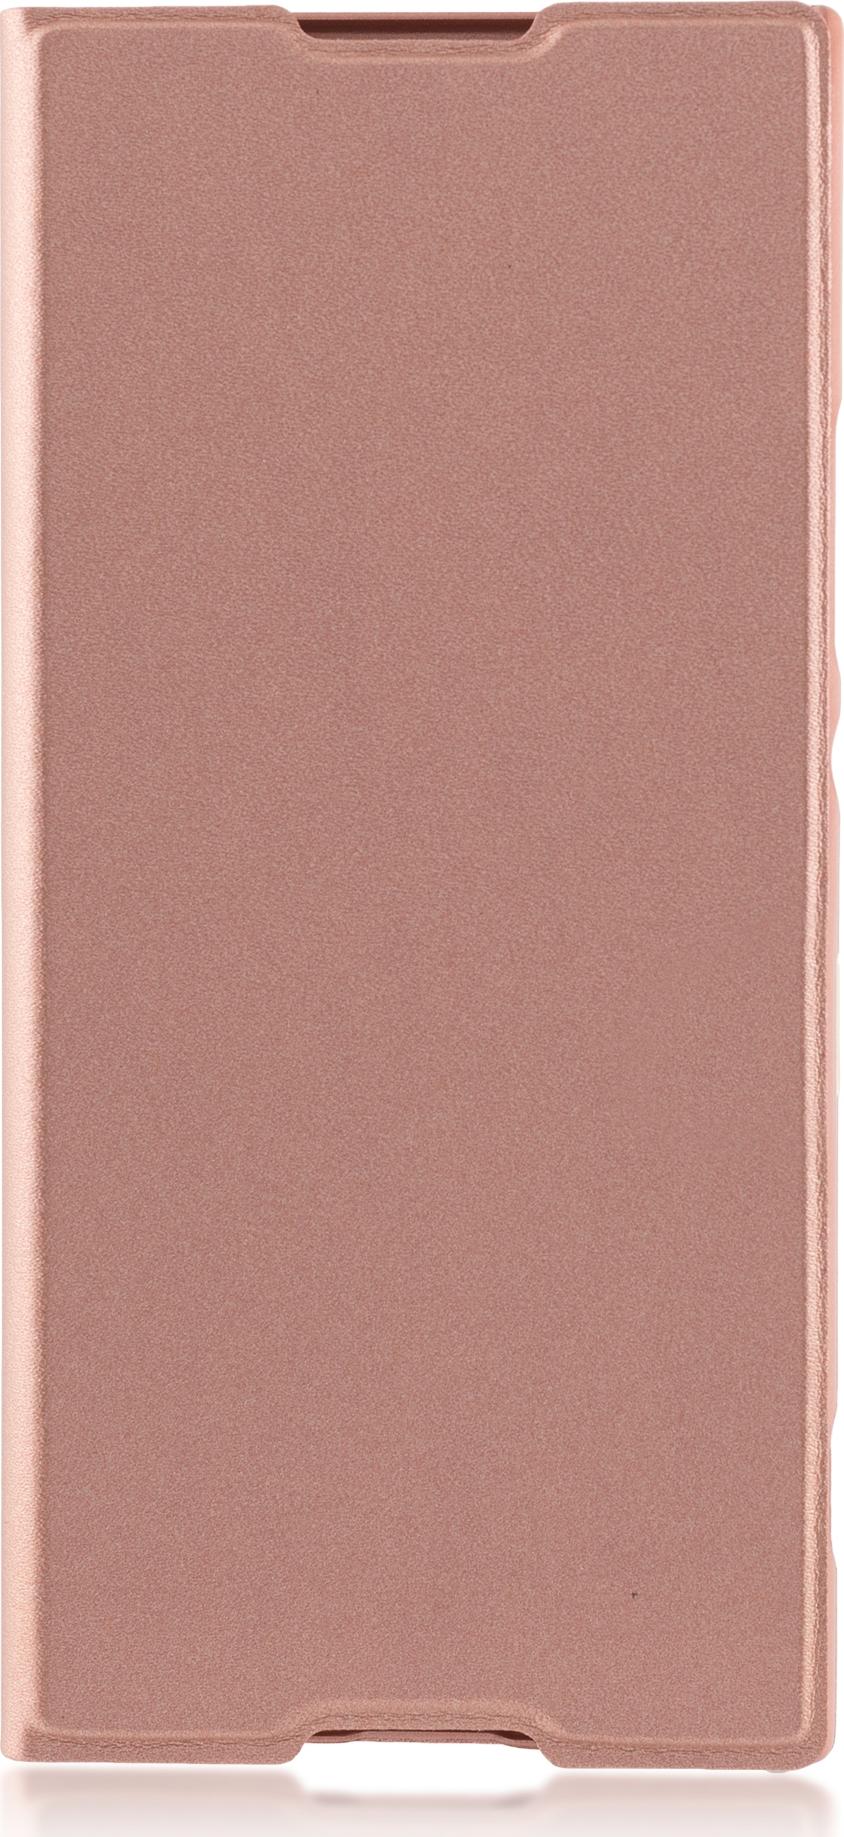 Чехол Brosco Book для Sony Xperia XA1, розовый супер тонкий чехол книжка brosco книжка pu белая